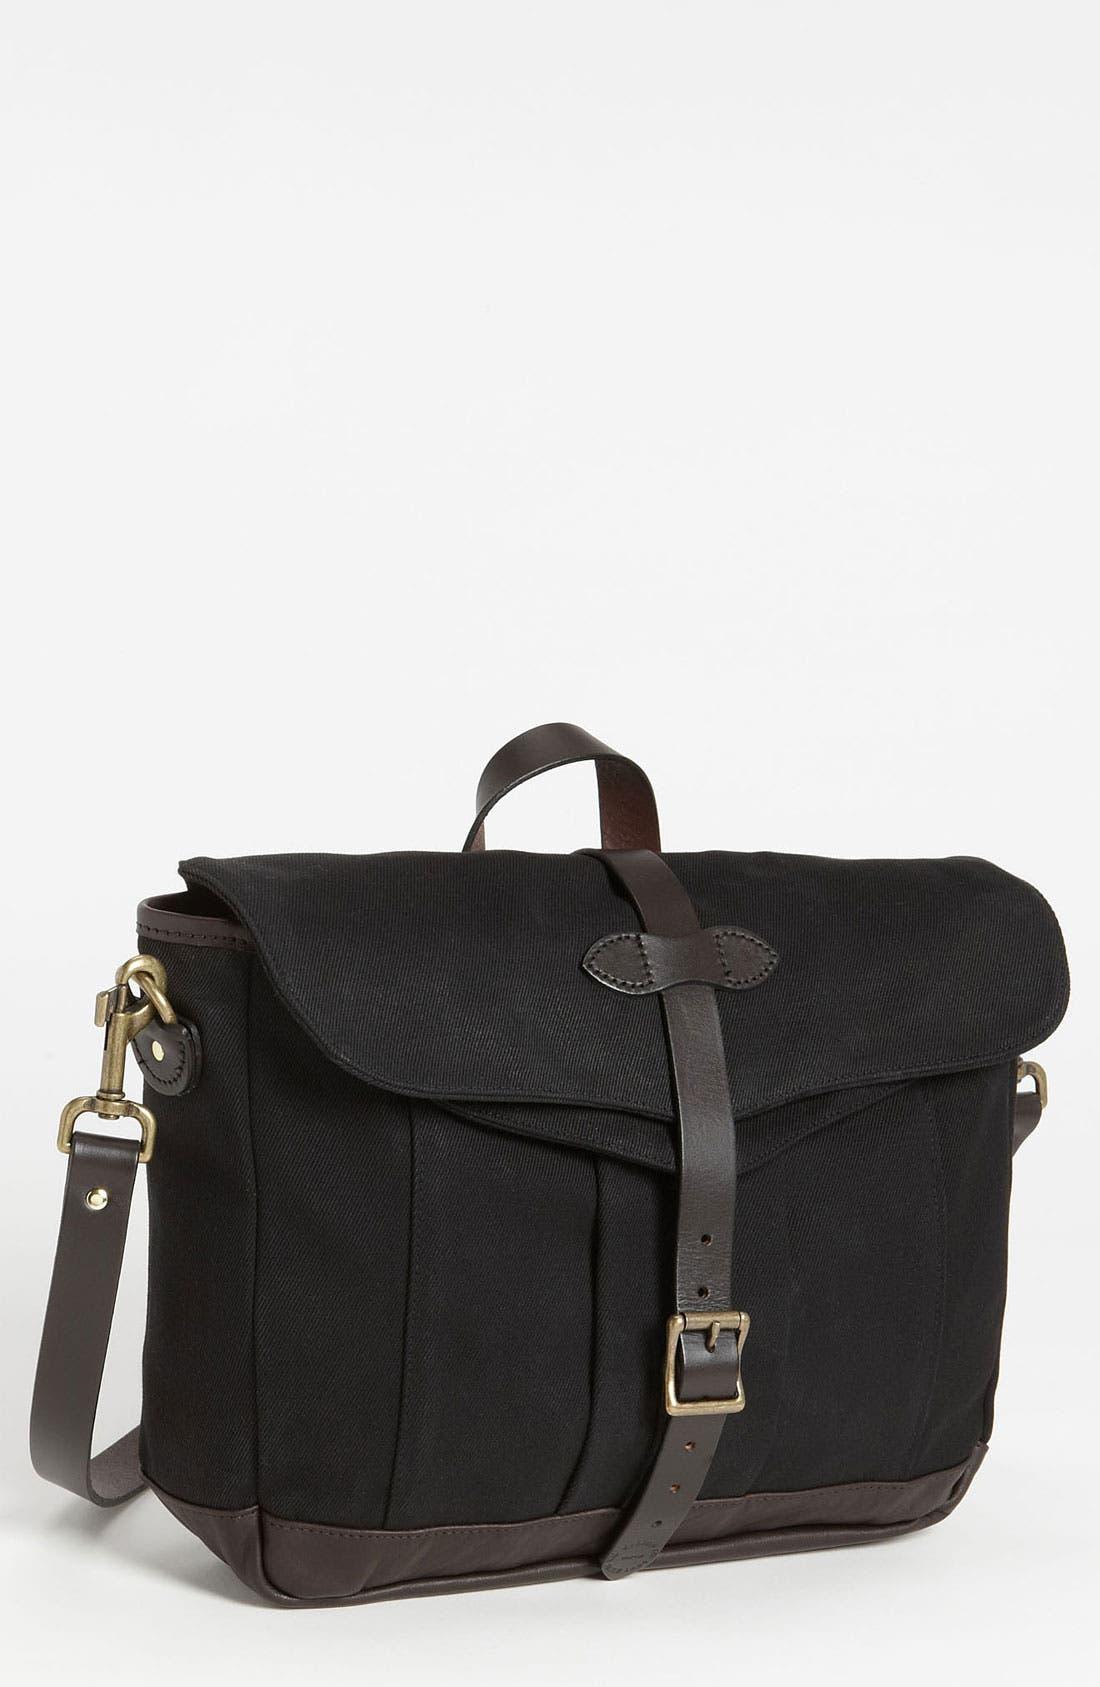 Alternate Image 1 Selected - Filson Twill Messenger Bag